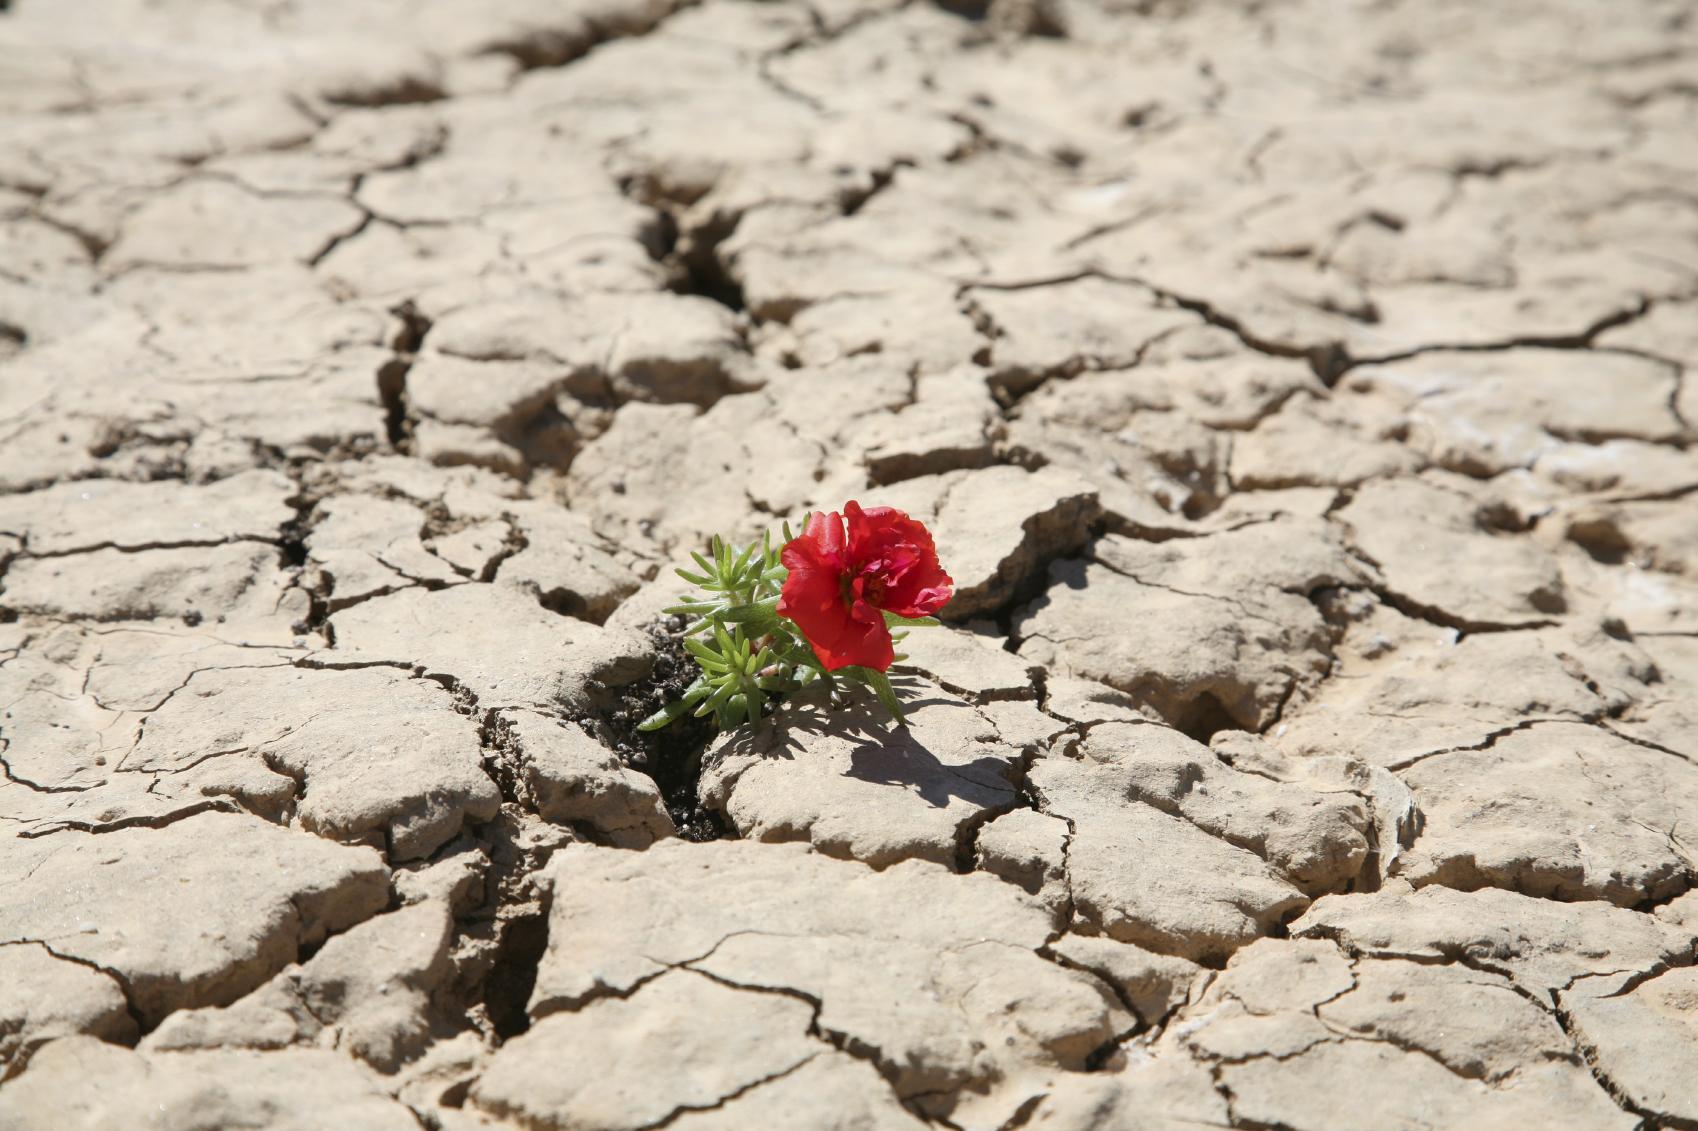 istock_flower_in_desert_med-1